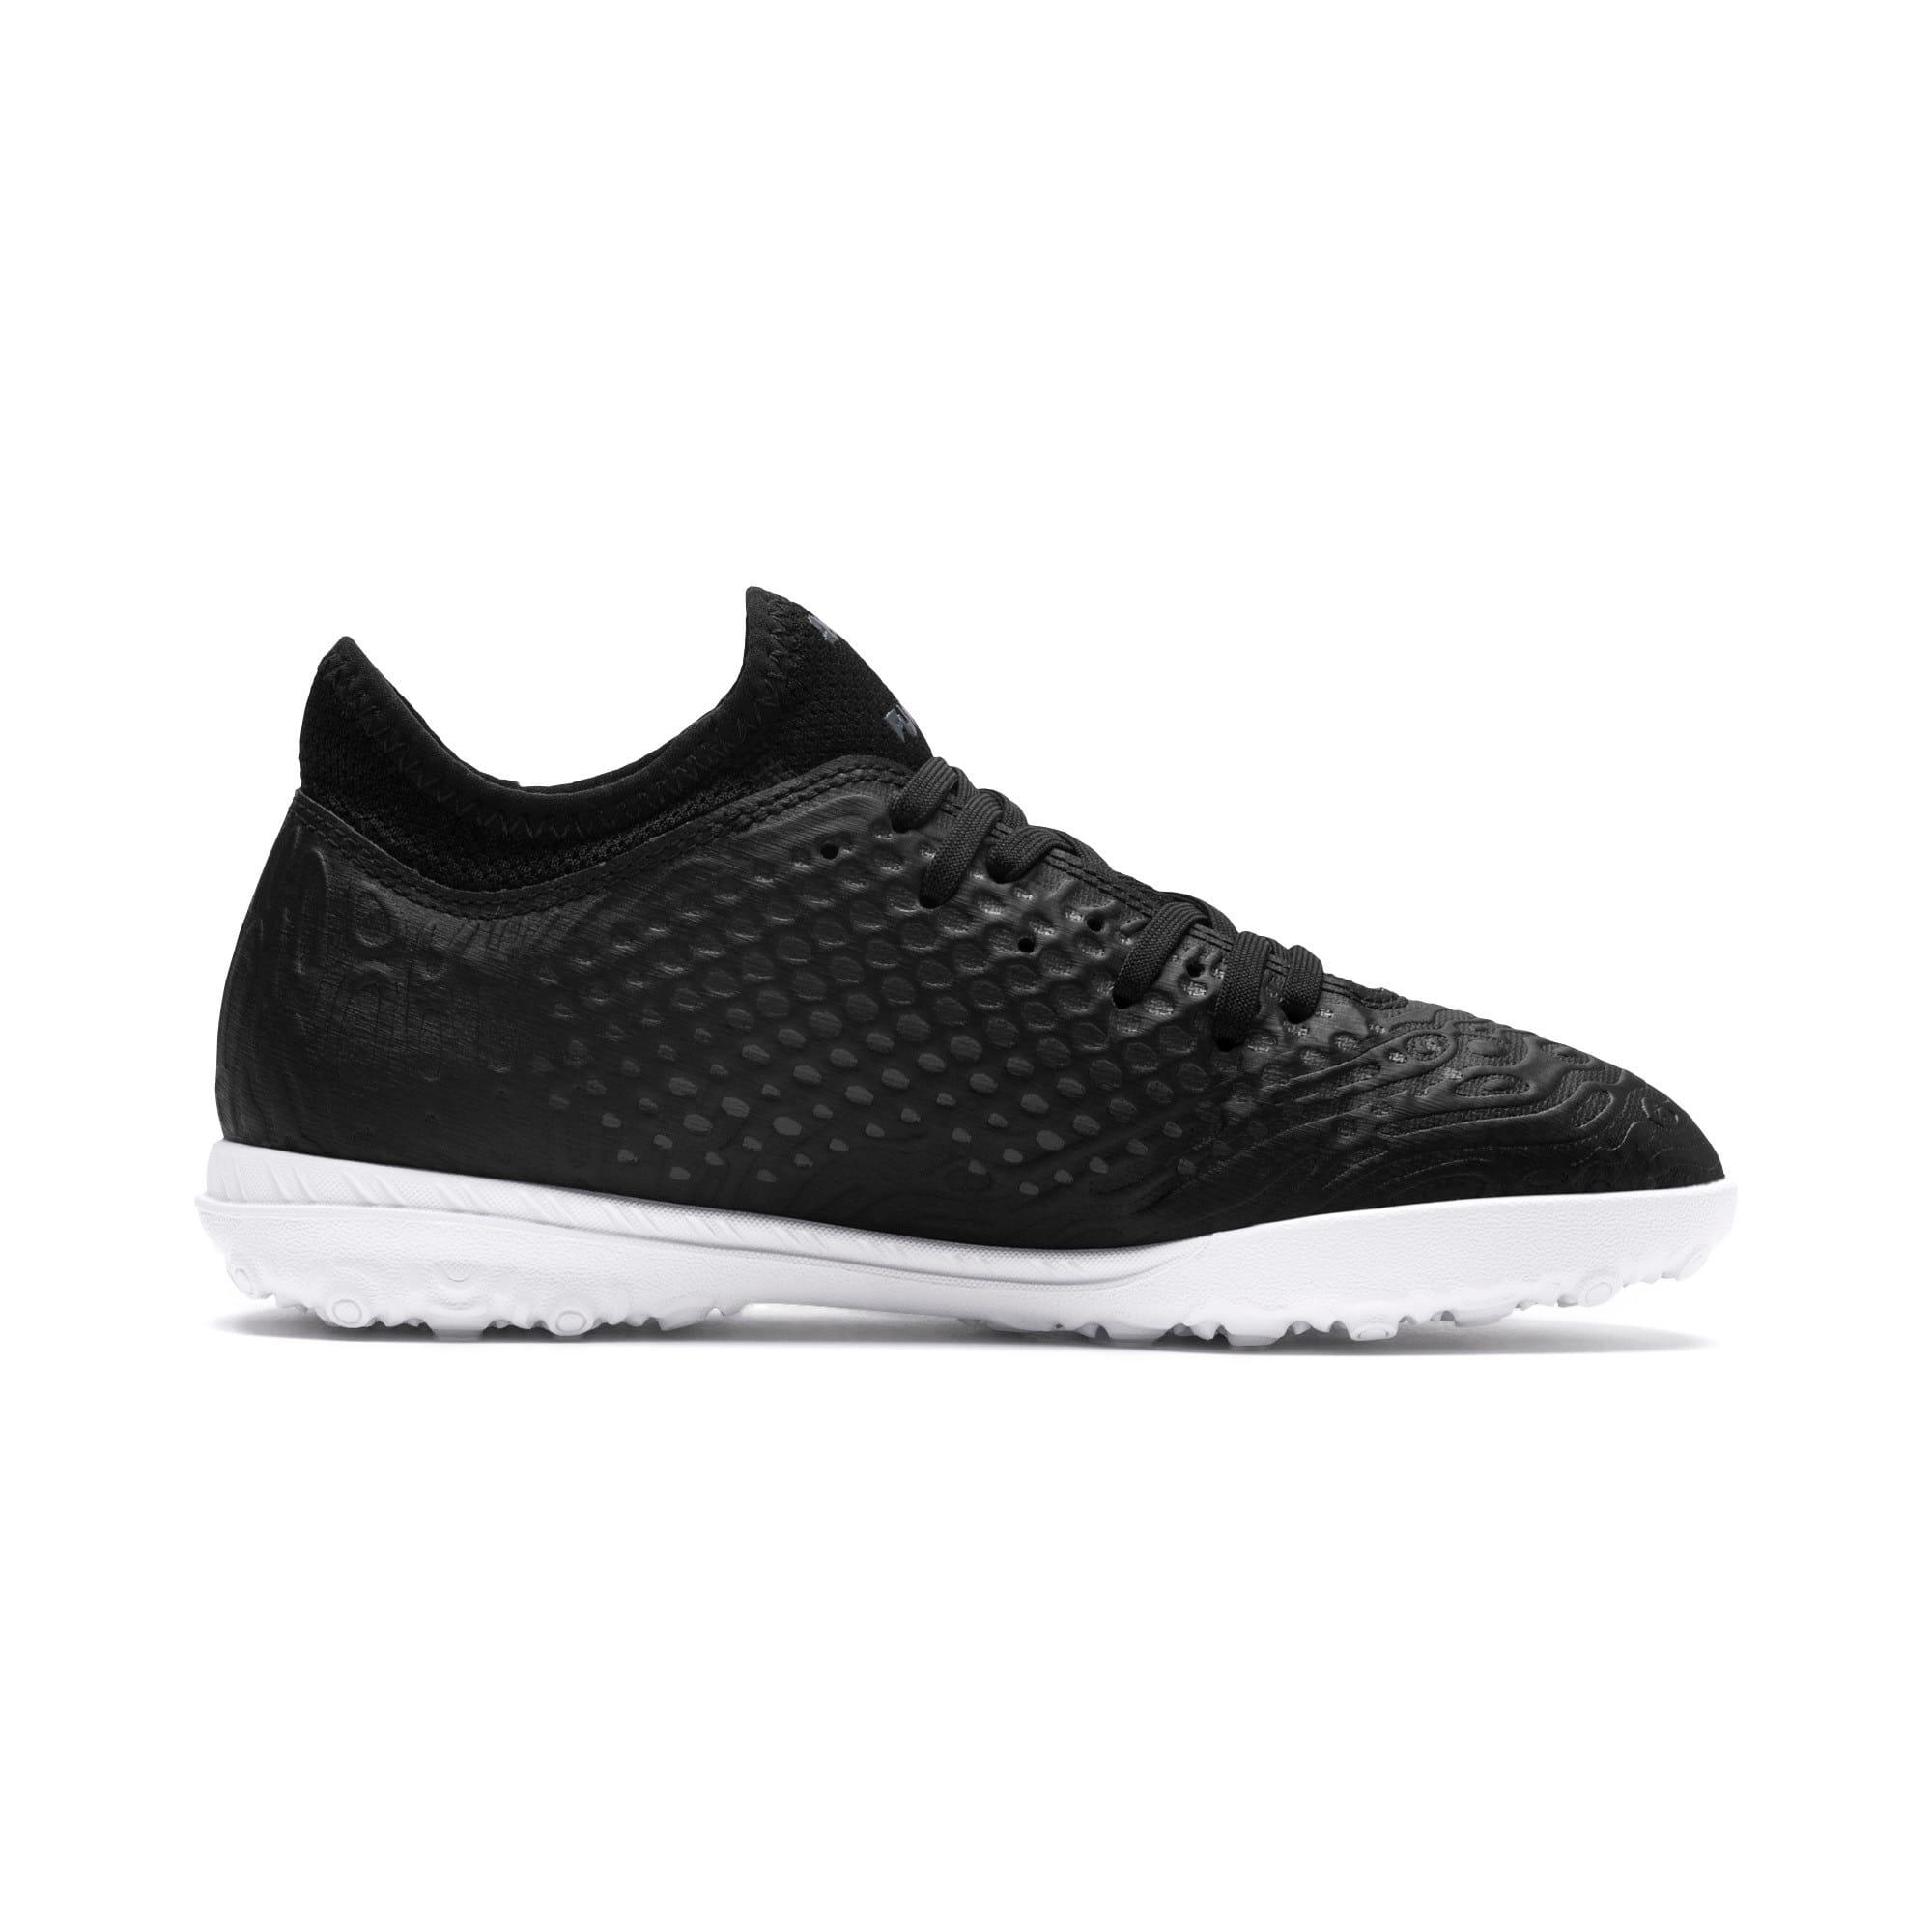 Thumbnail 5 of FUTURE 19.4 TT Soccer Shoes JR, Puma Black-Puma Black-White, medium